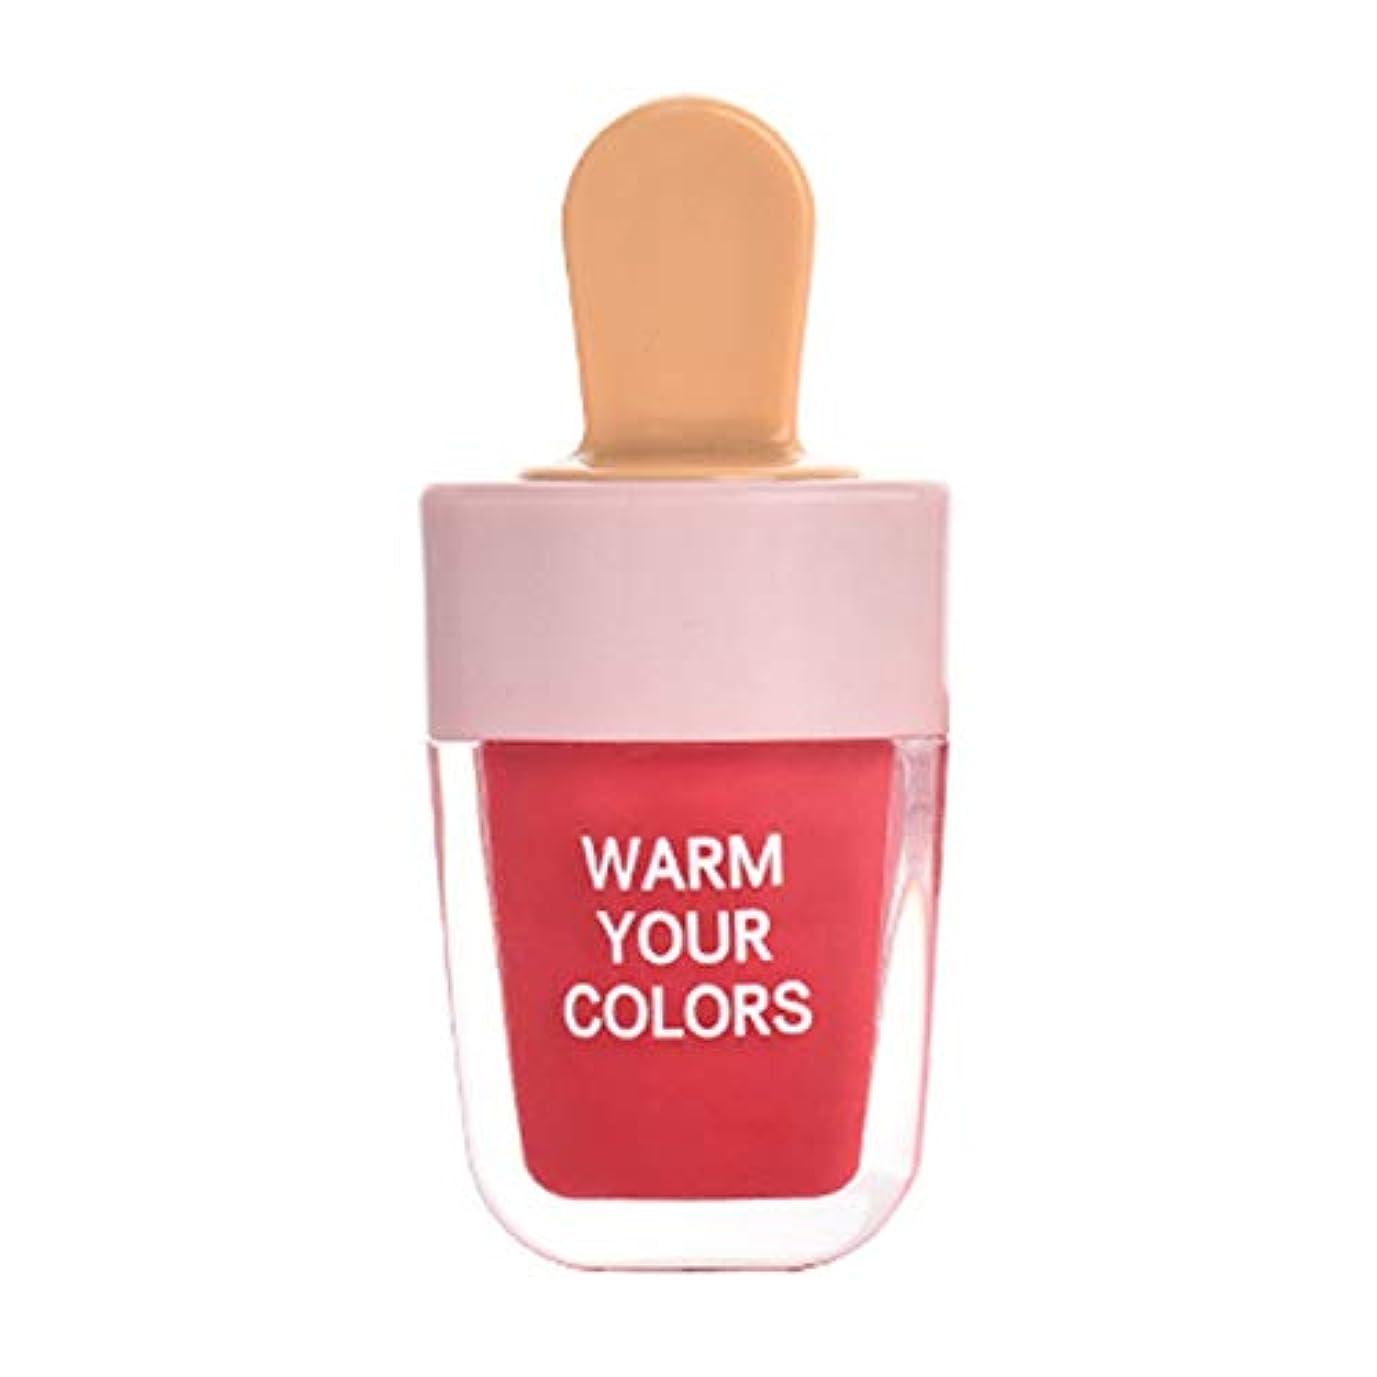 面倒提唱する差別的RemeeHi 口紅 リップティント アイスクリーム リップスティック リップカラー ラスティング 防水 落ちない メイクアップ メイク道具 化粧品保湿 リップクリーム 韓国風 学生 可愛い